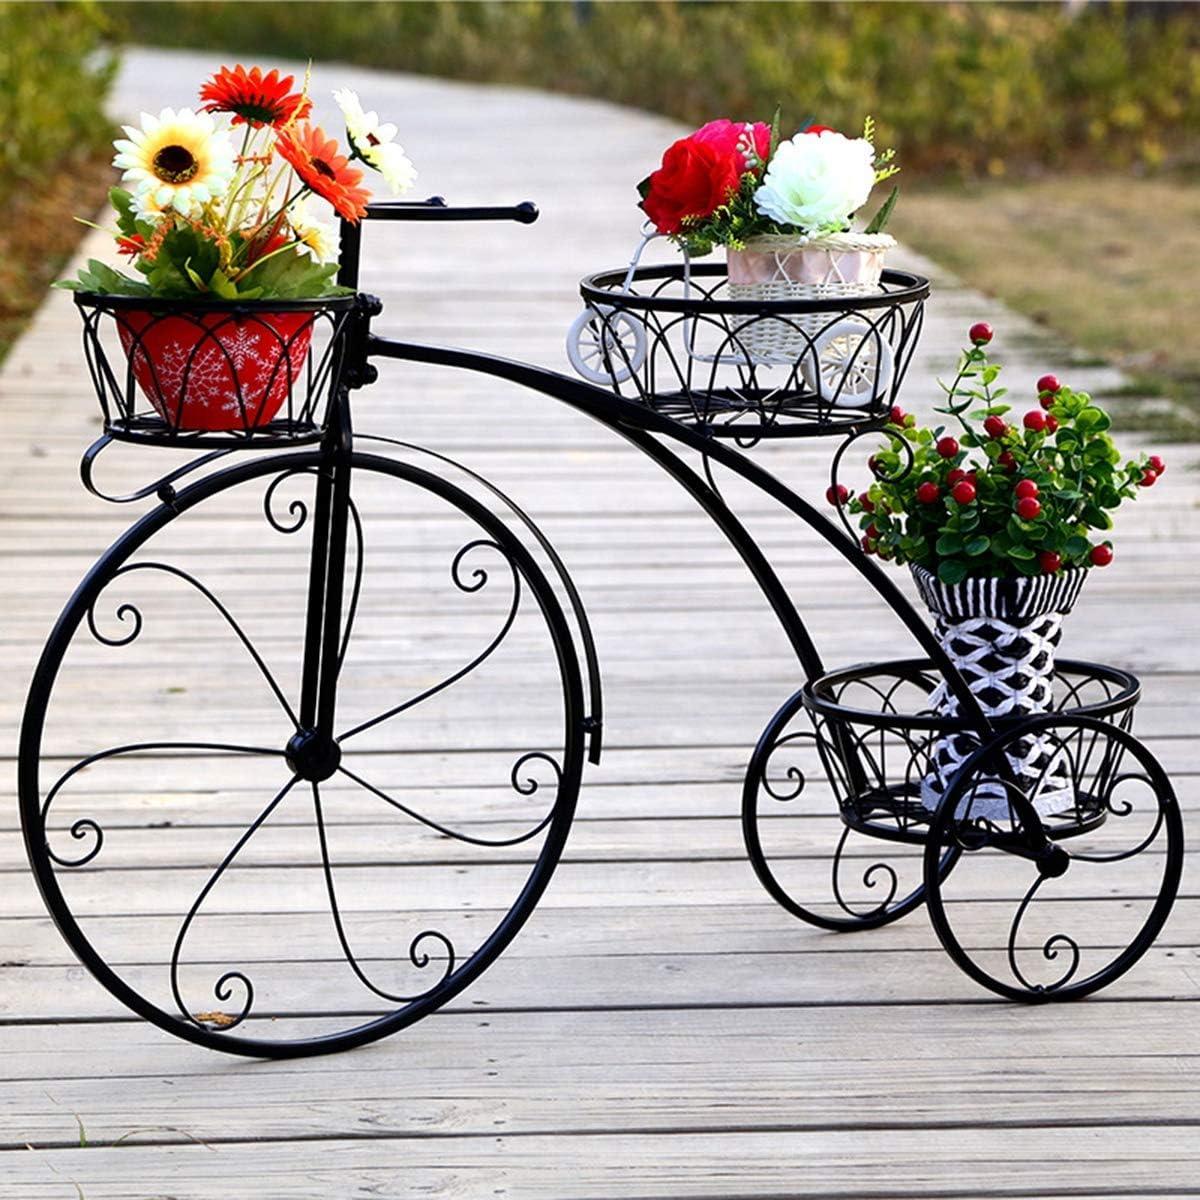 dehong CDK 3 Planta con Gradas Soporte De Maceta para Flores Patio De Jardín Moderno Y Decorativo Soporte De Exhibición De Bicicletas Pequeñas Tiene Capacidad para 3 Macetas (Negro)